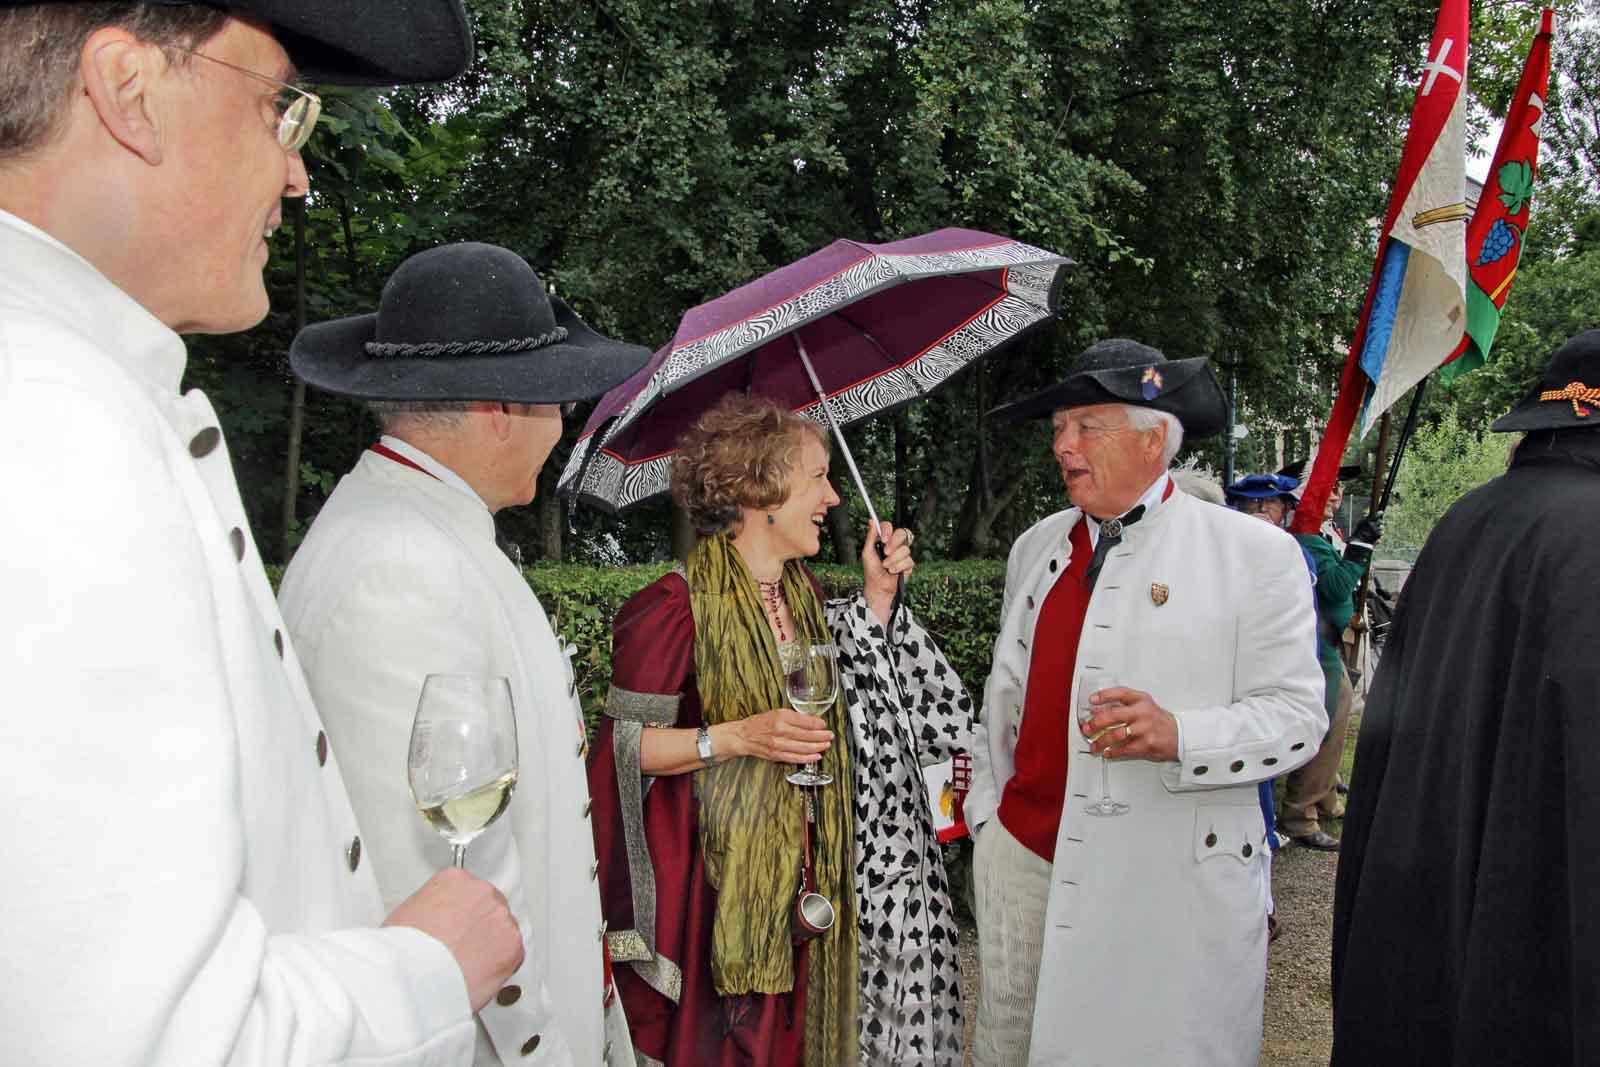 Stadträtin Corine Mauch mit Zunftmeister Daniel Fontolliet beim Umtrunk.